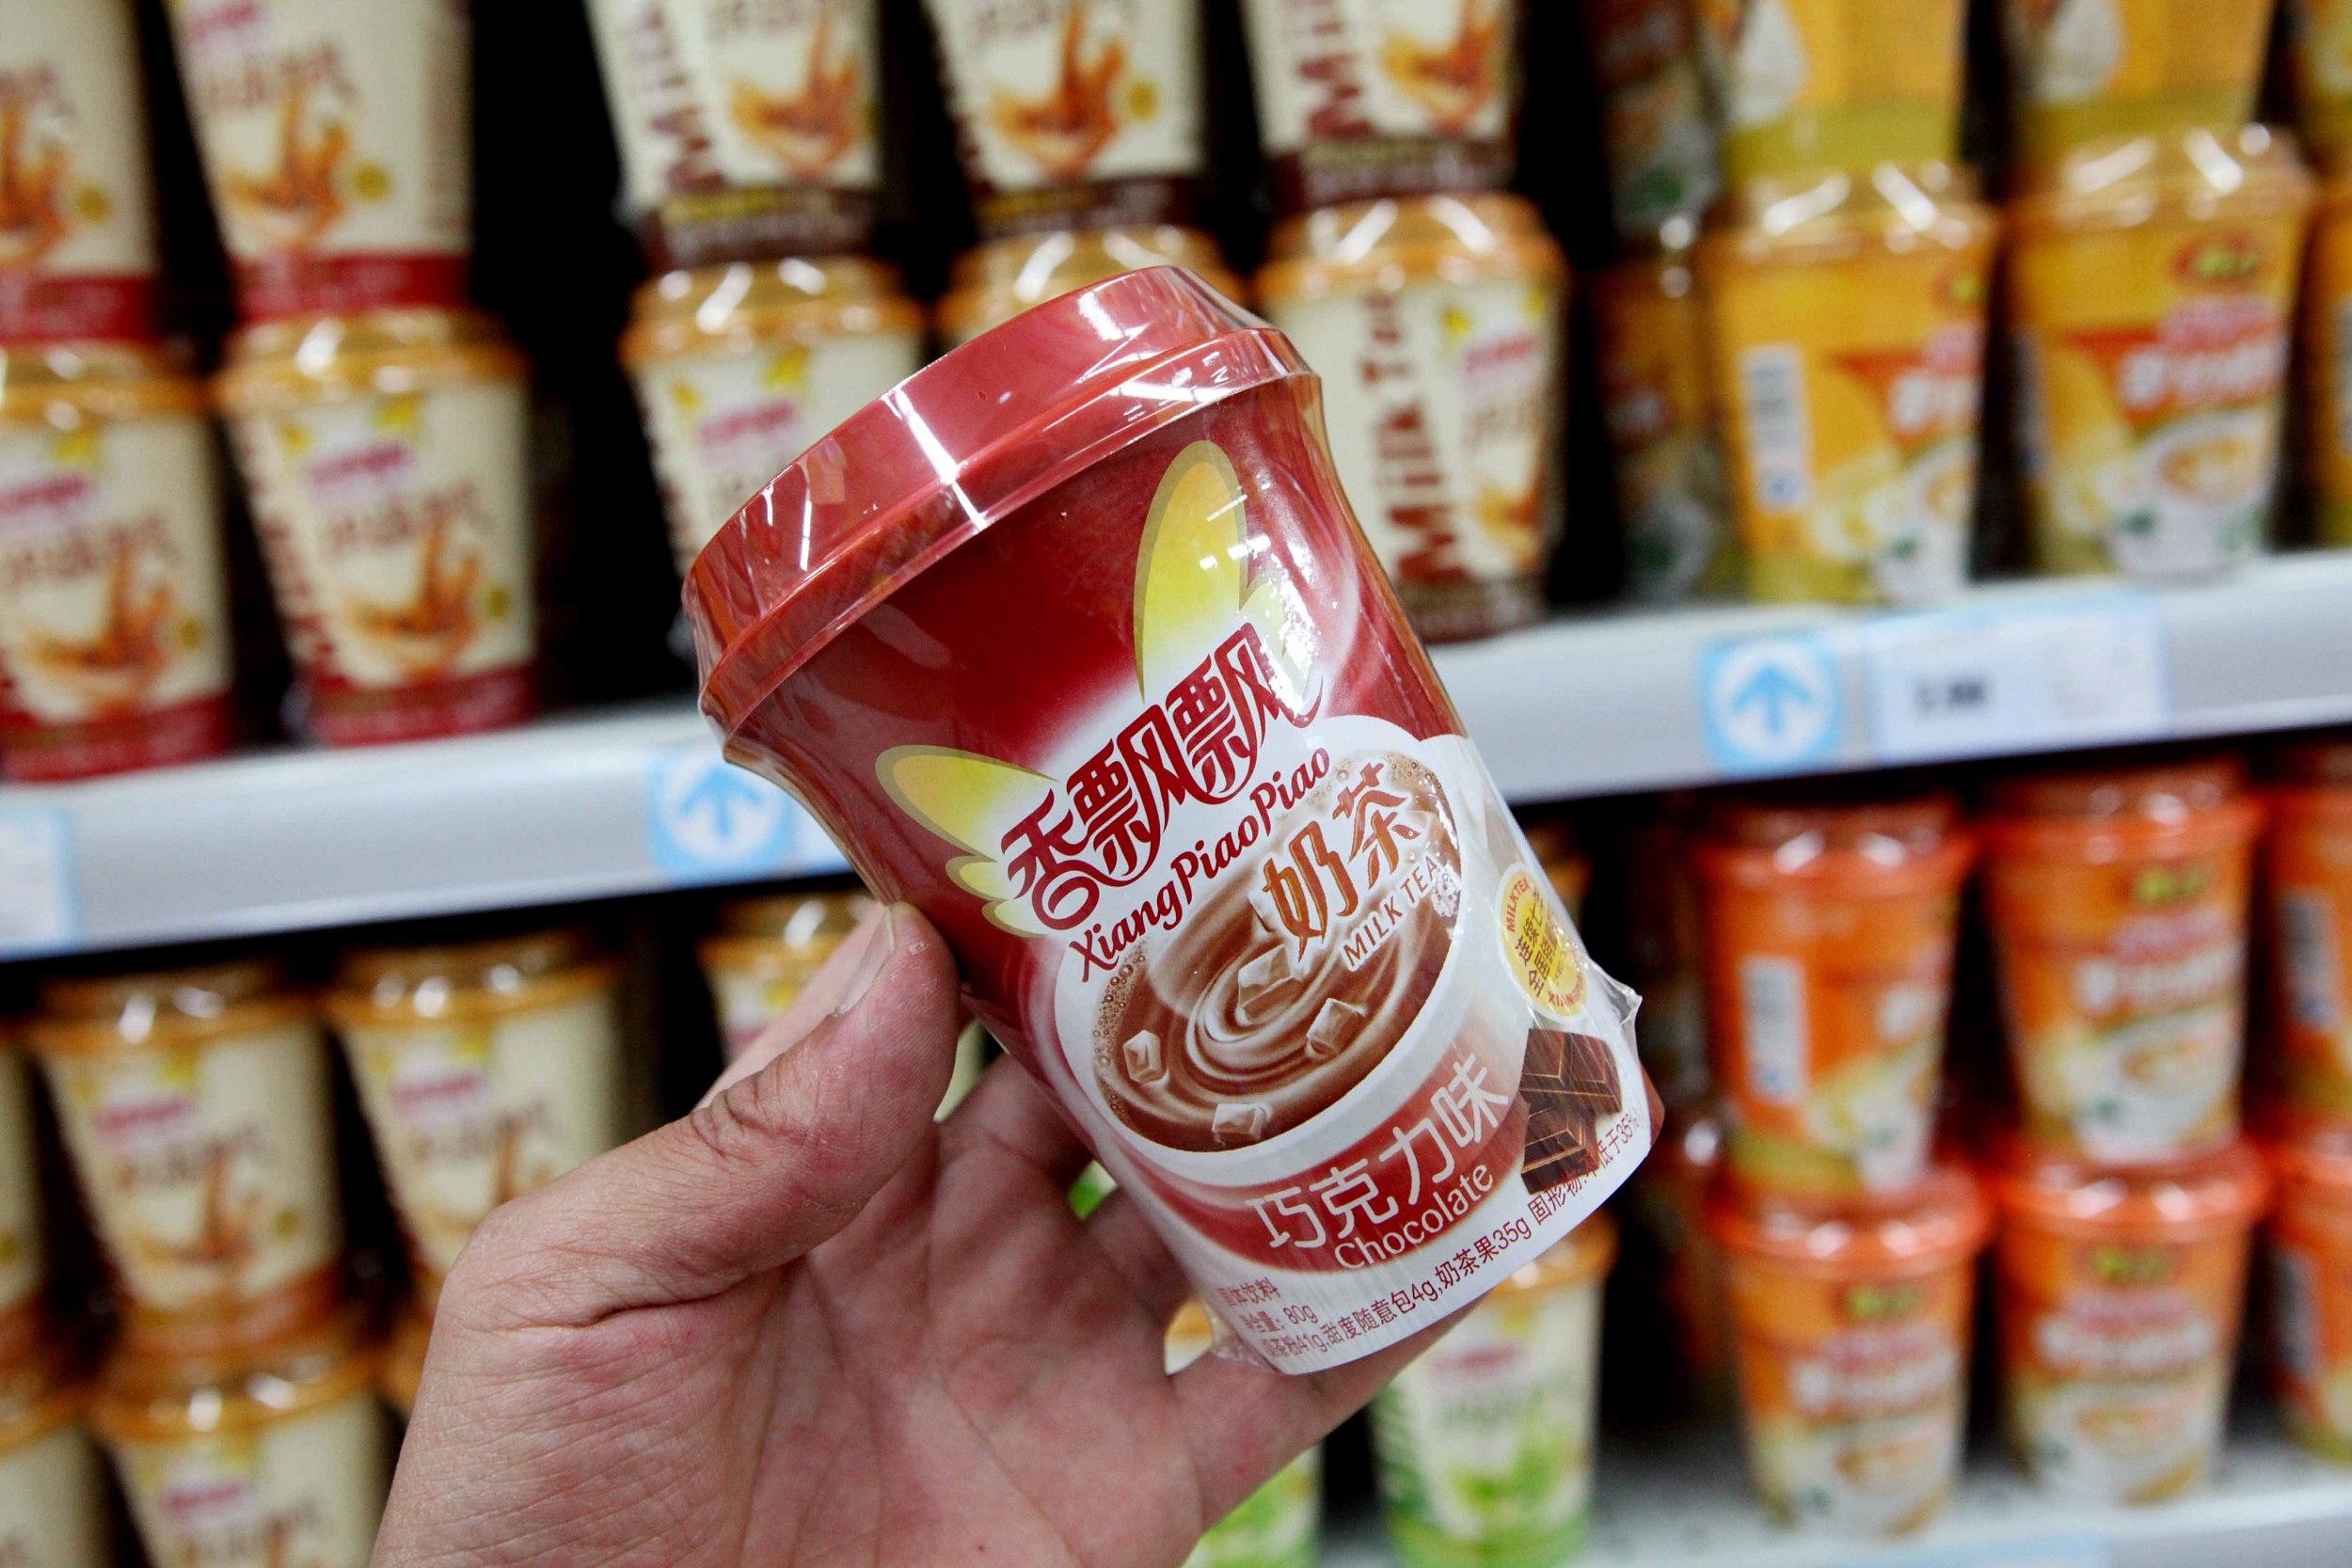 果汁茶卖了5.88亿香飘飘上半年扭亏,销售费用居高不下股价大挫近8%